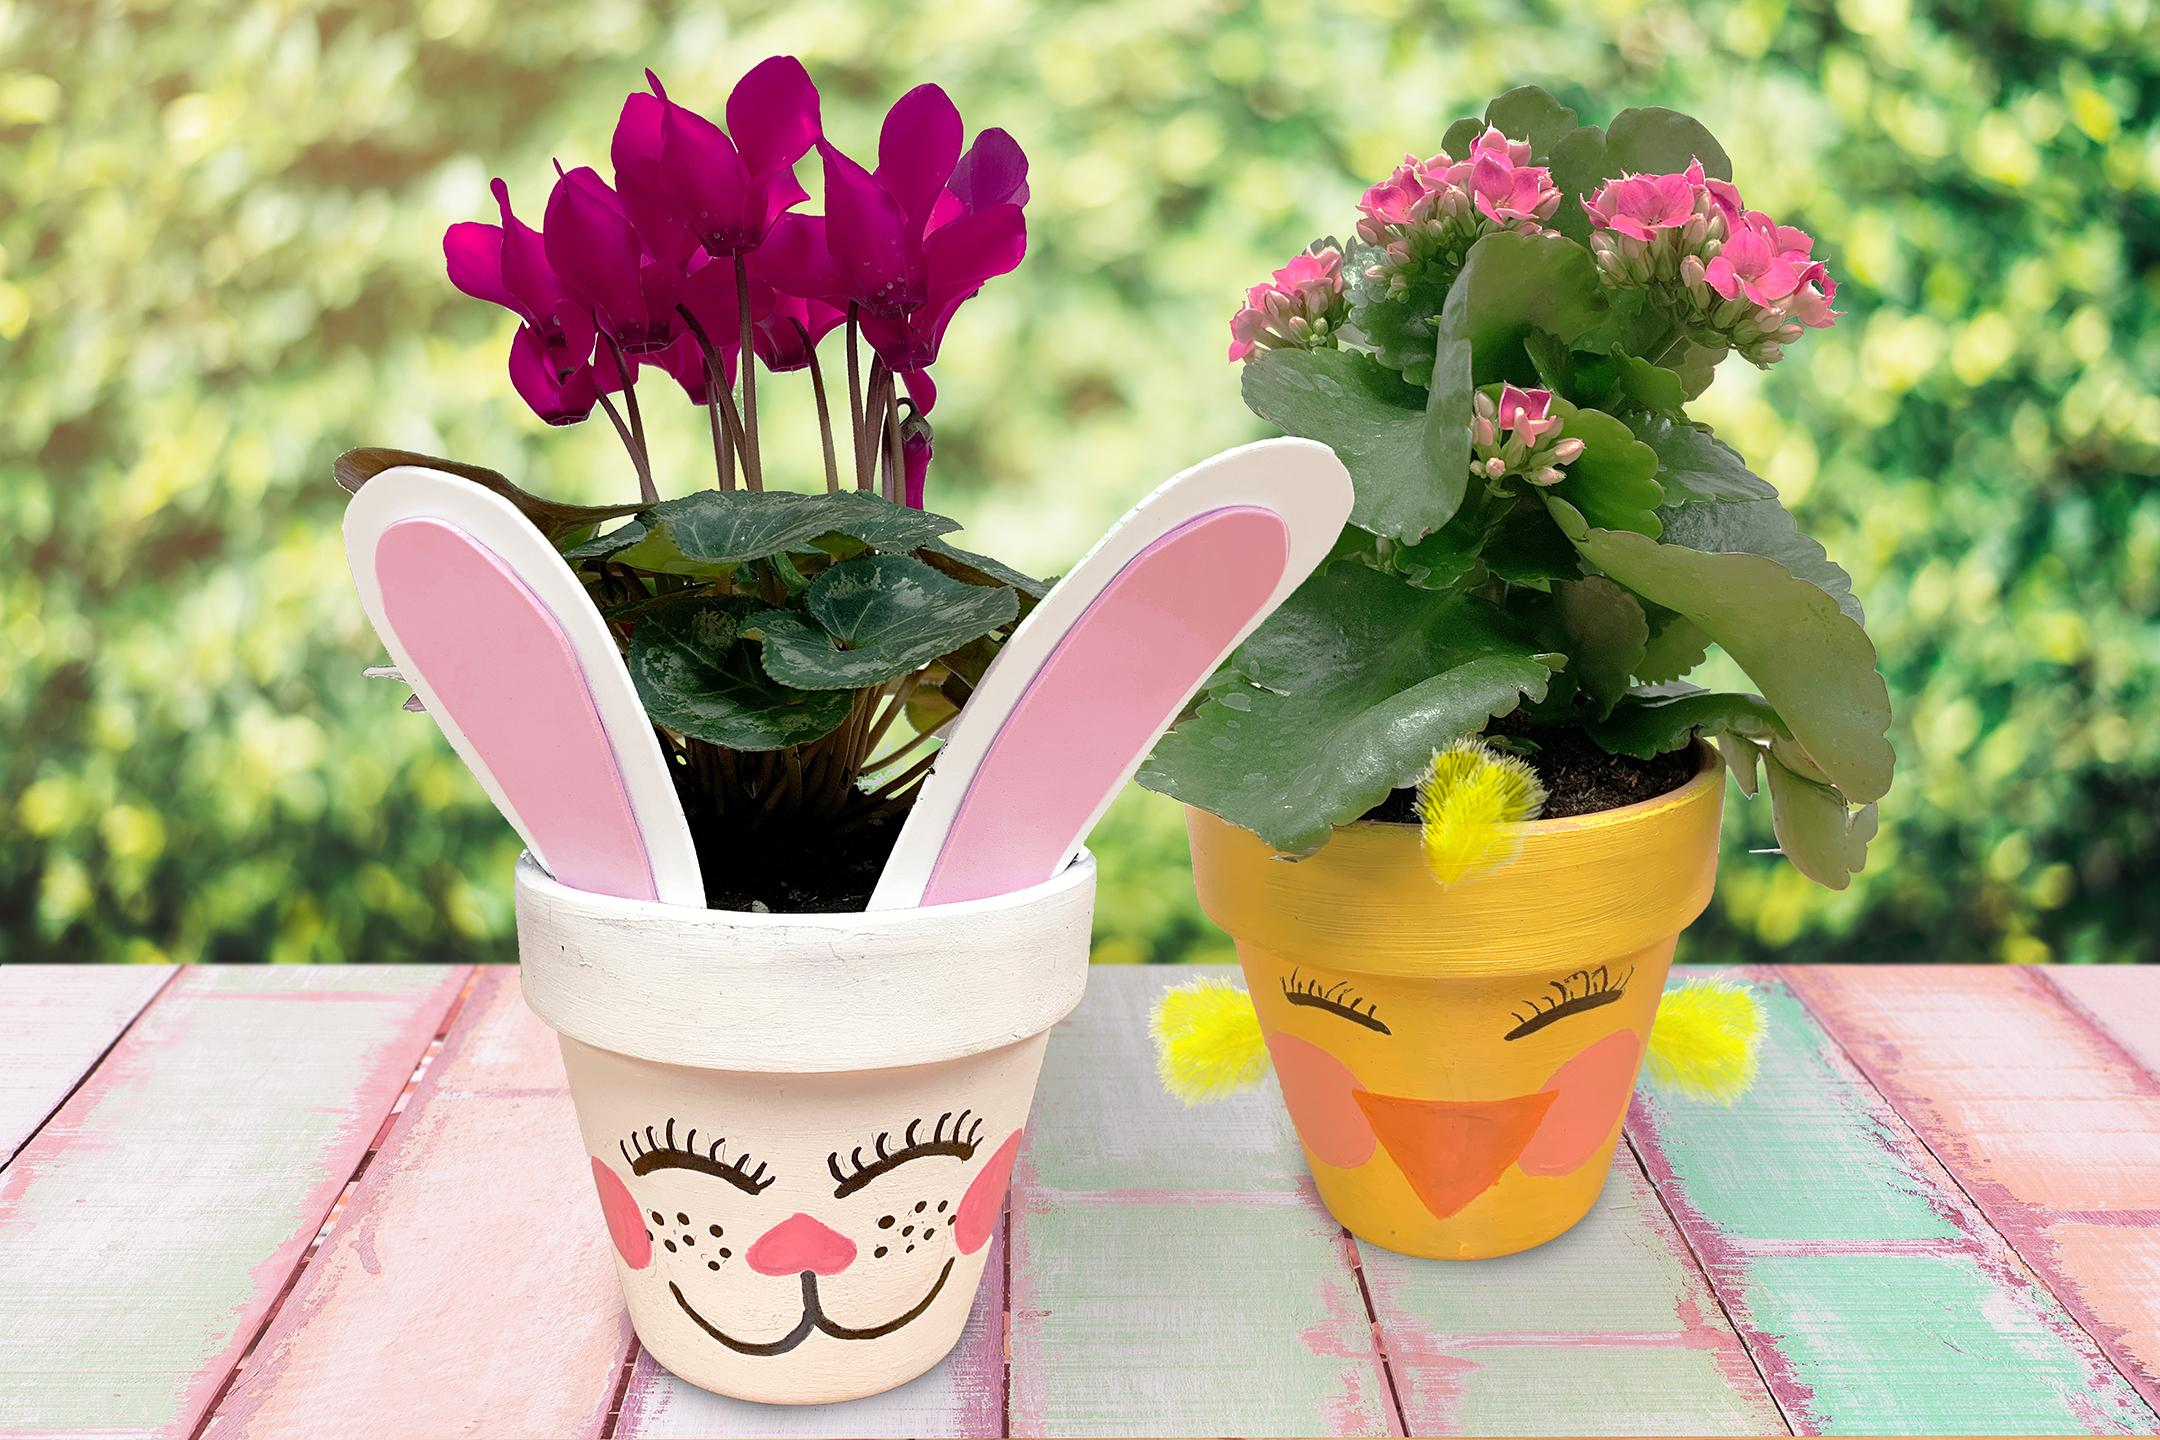 Easter Workshop for Kids - Painted Flower Pot: Frankfort, IL